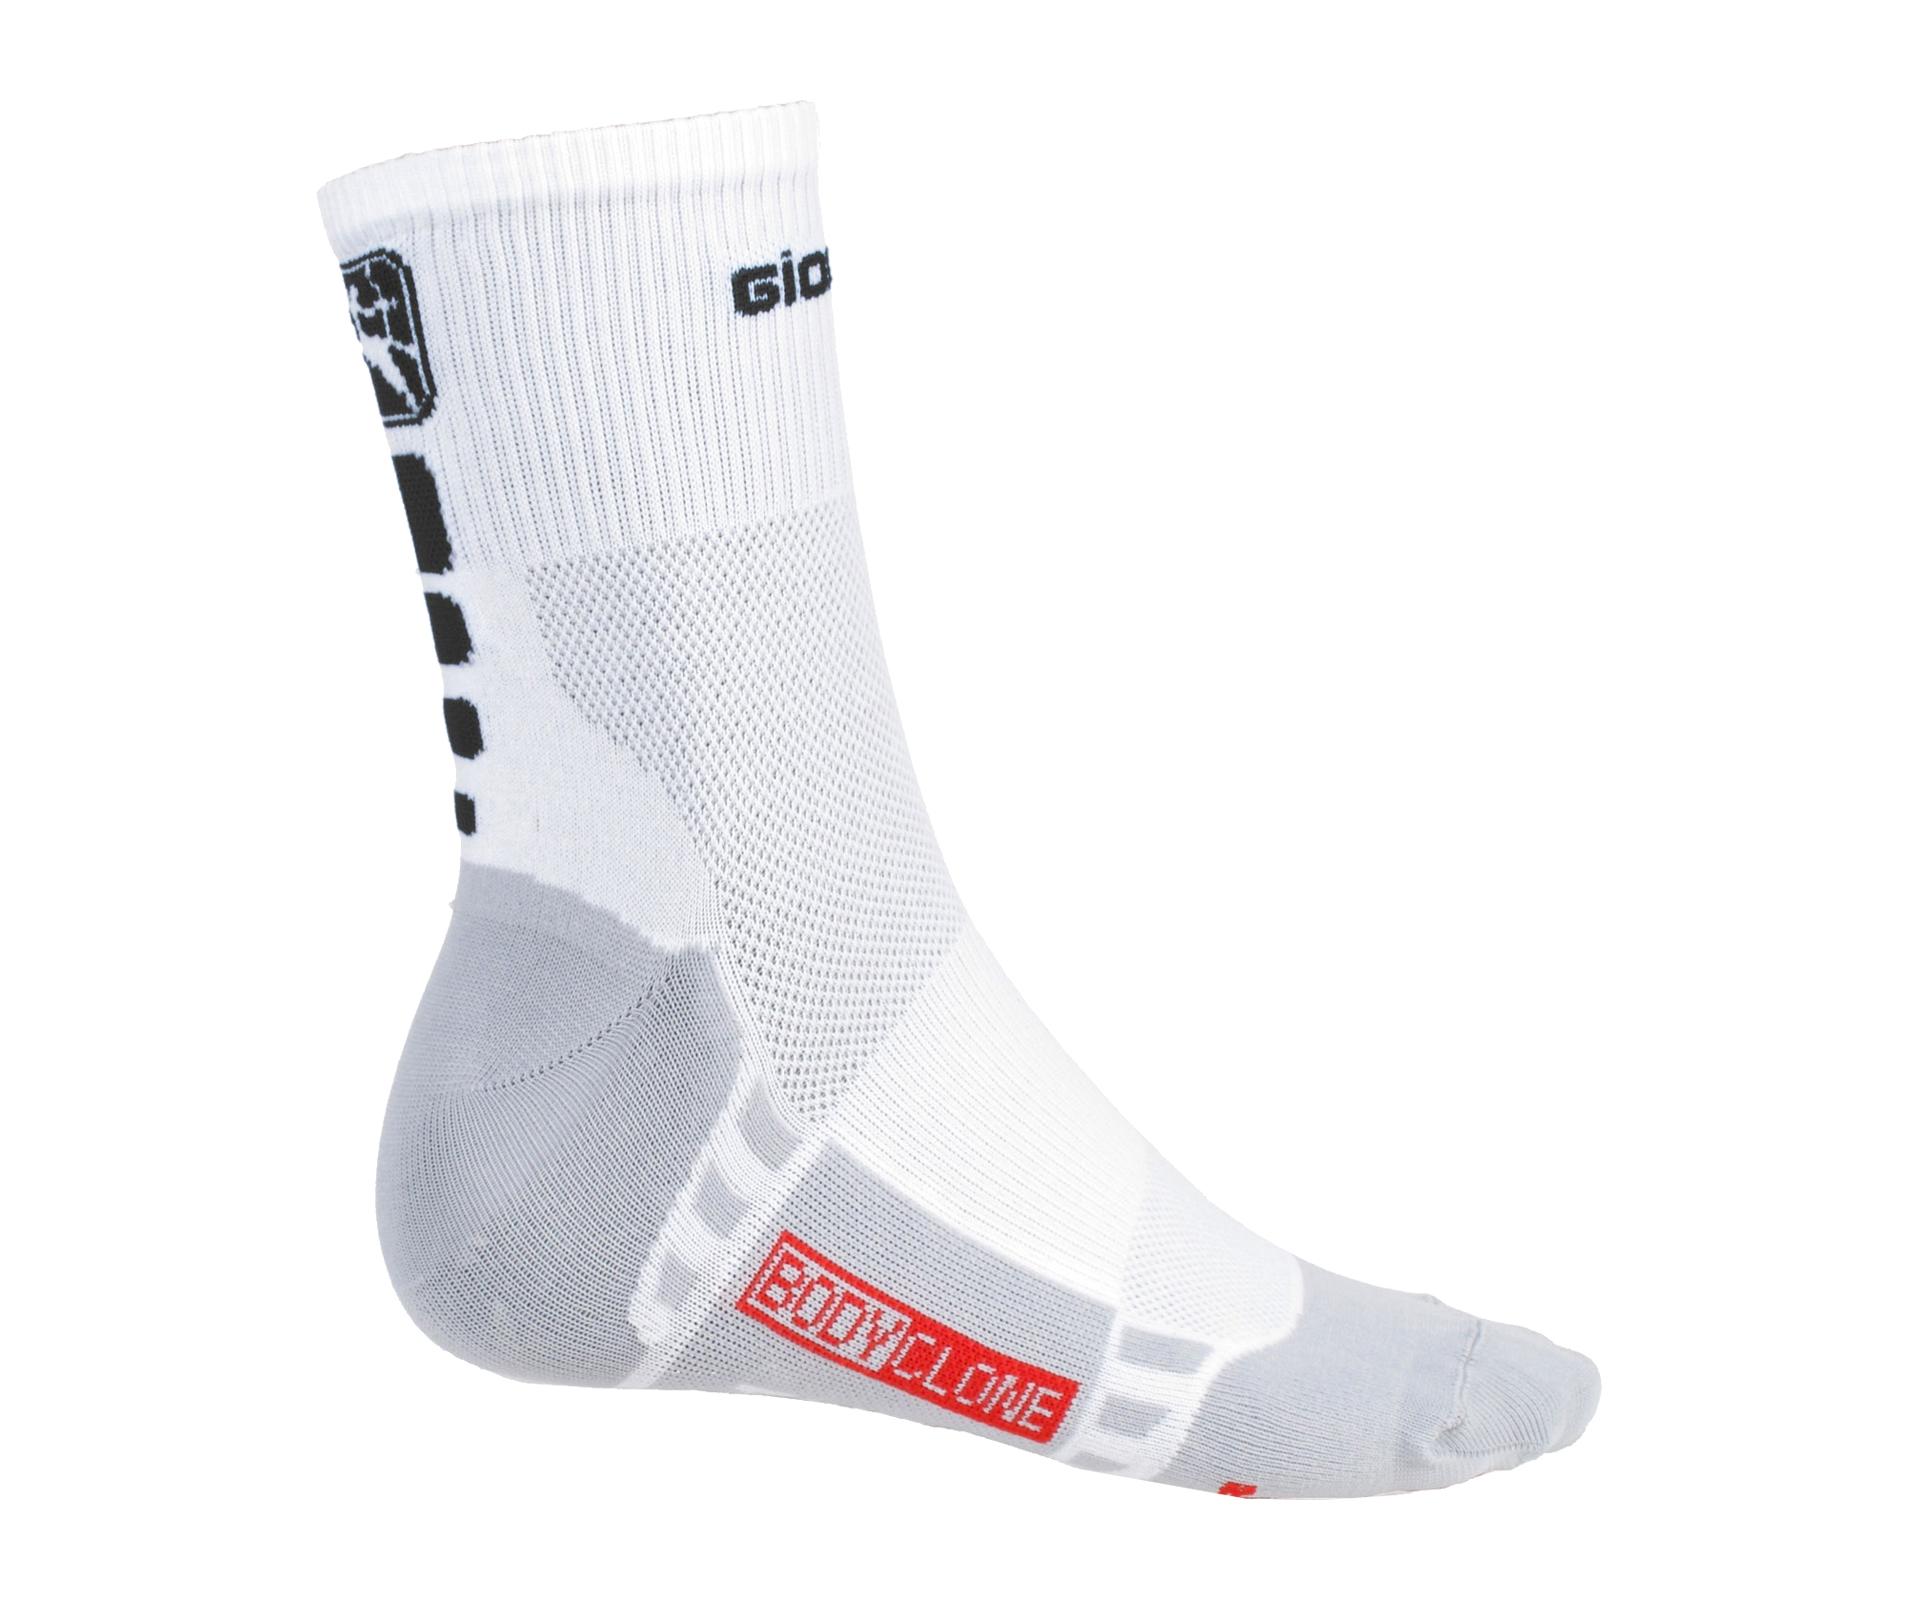 Giordana FR_C stømper medium længde hvid/sort | Socks